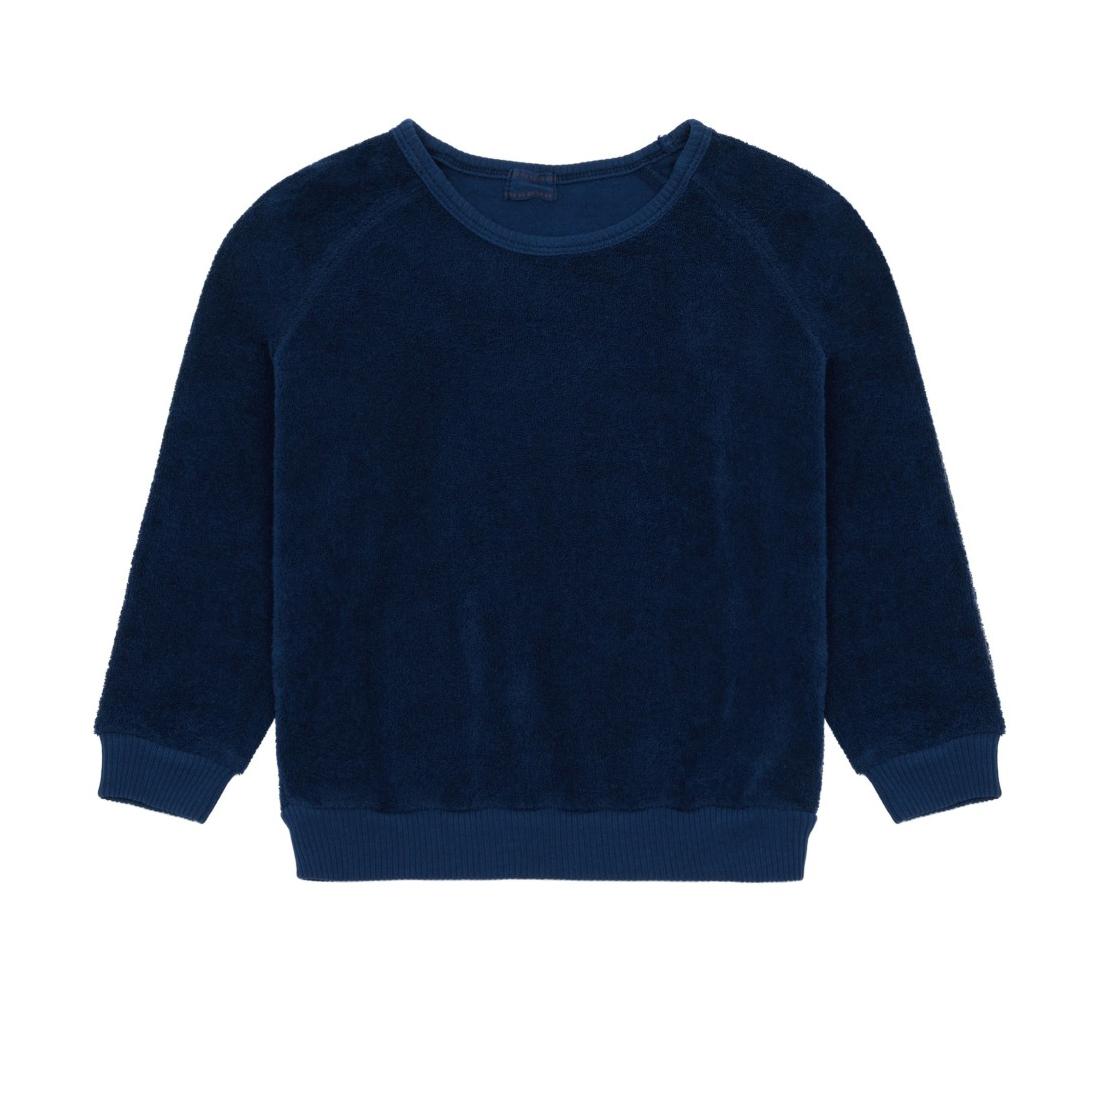 eponge-sweat-bass-bleu-morley-mode-enfant-bebe